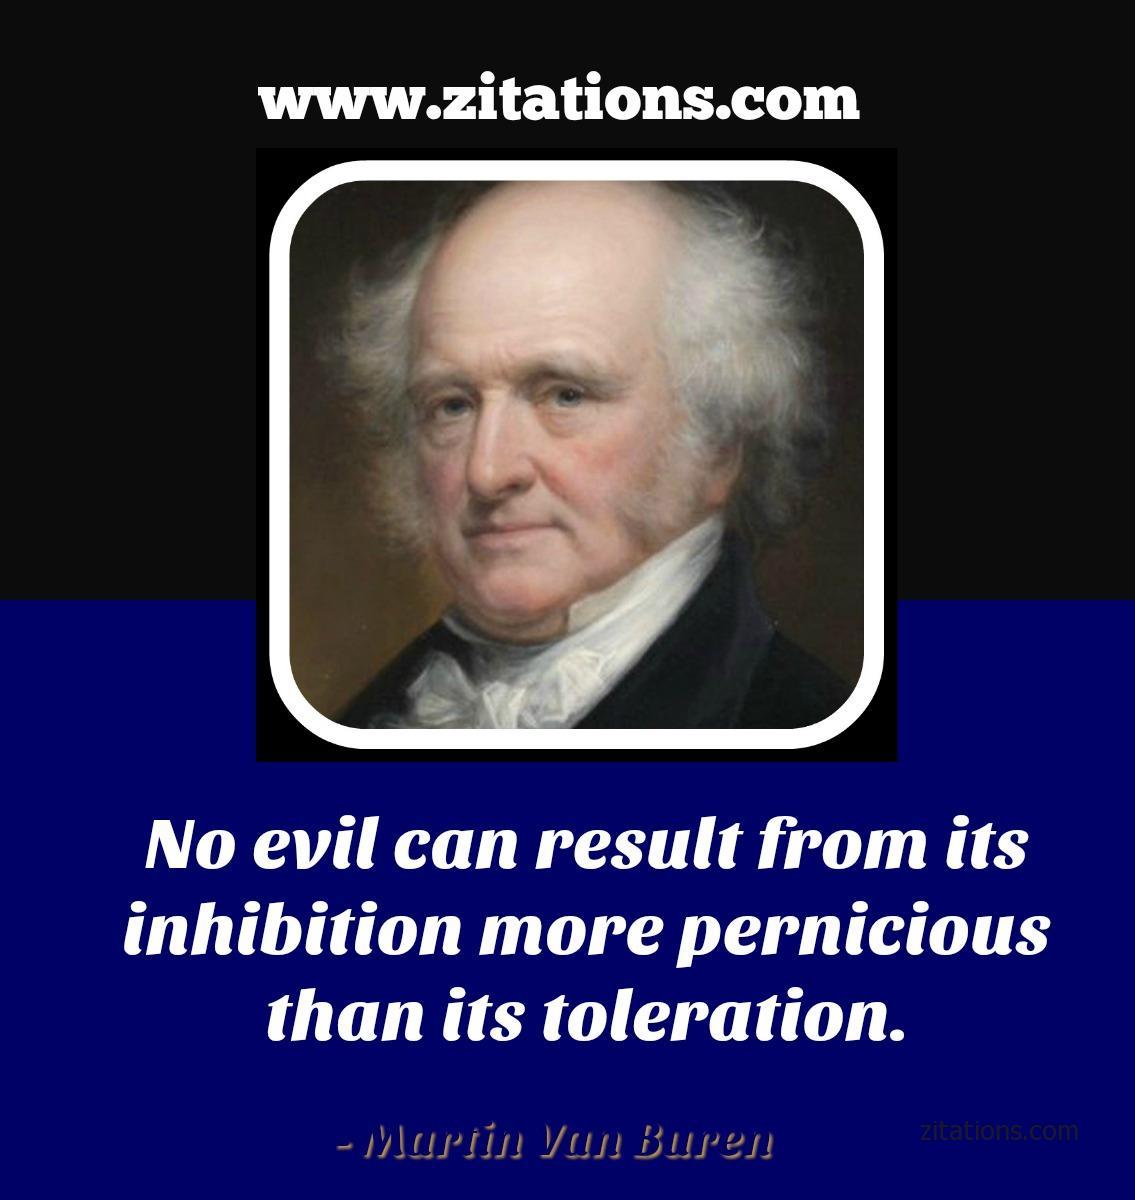 Quotes from Martin Van Buren